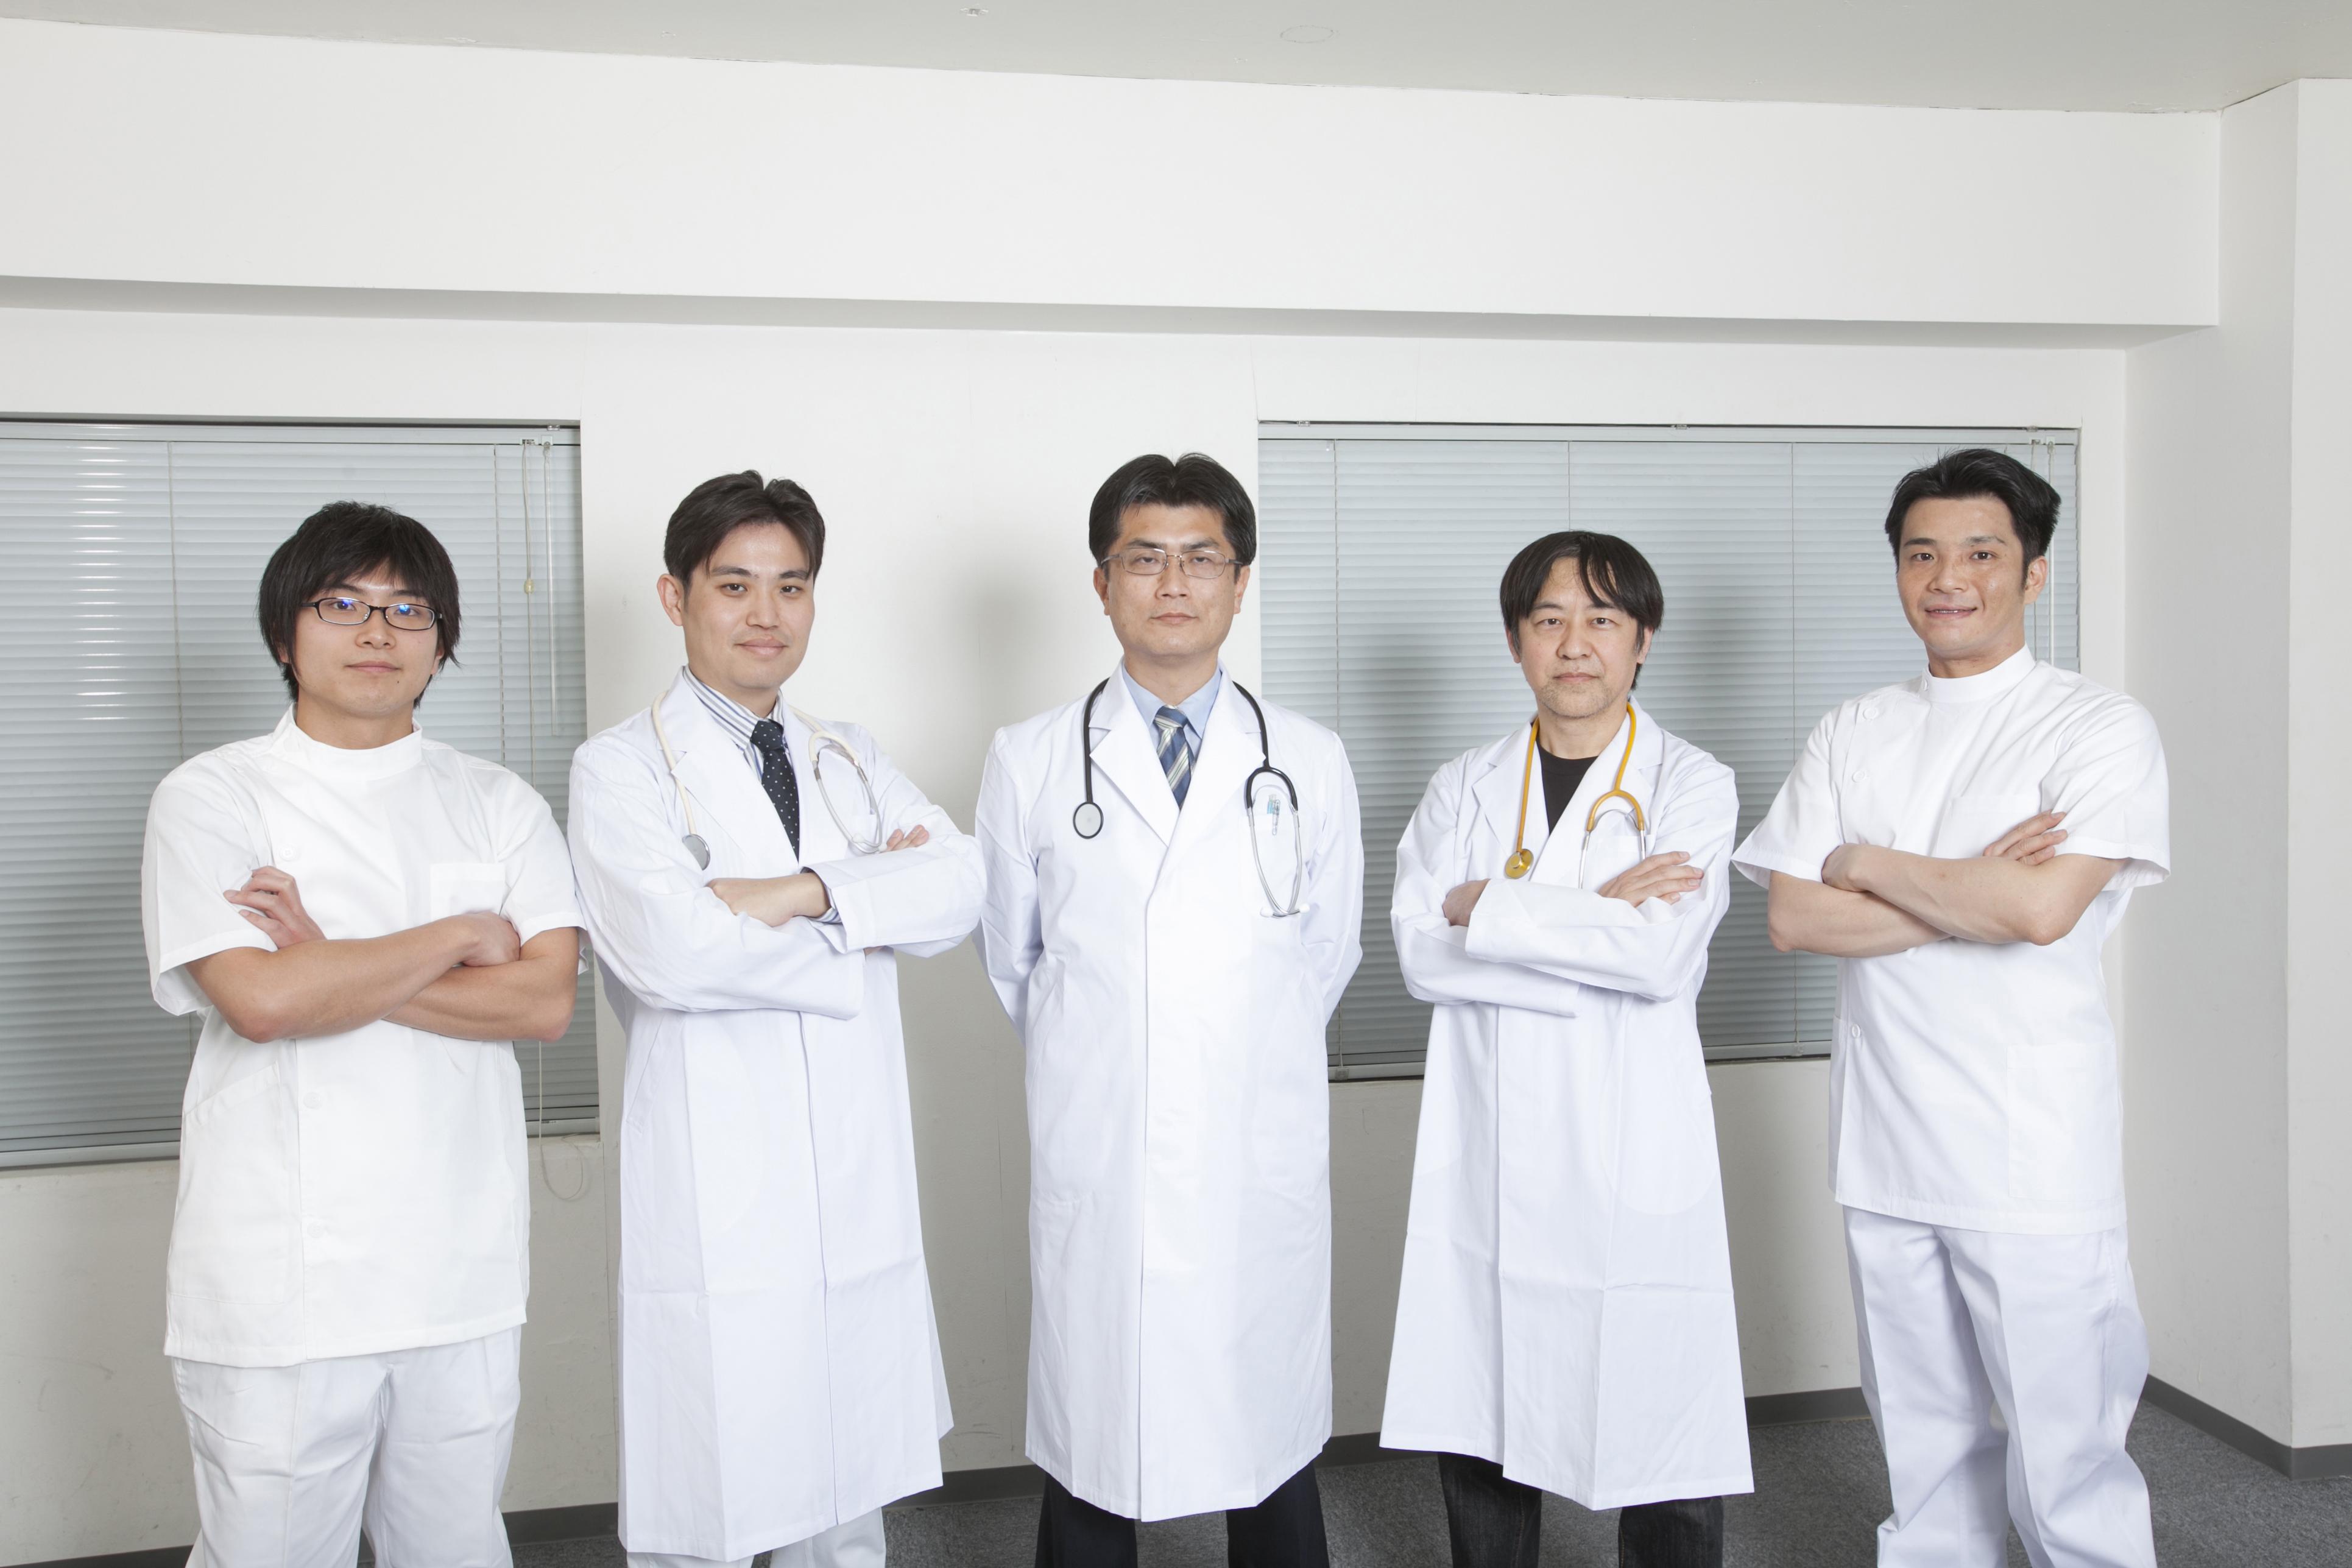 『チーム医療』のゴロ・覚え方